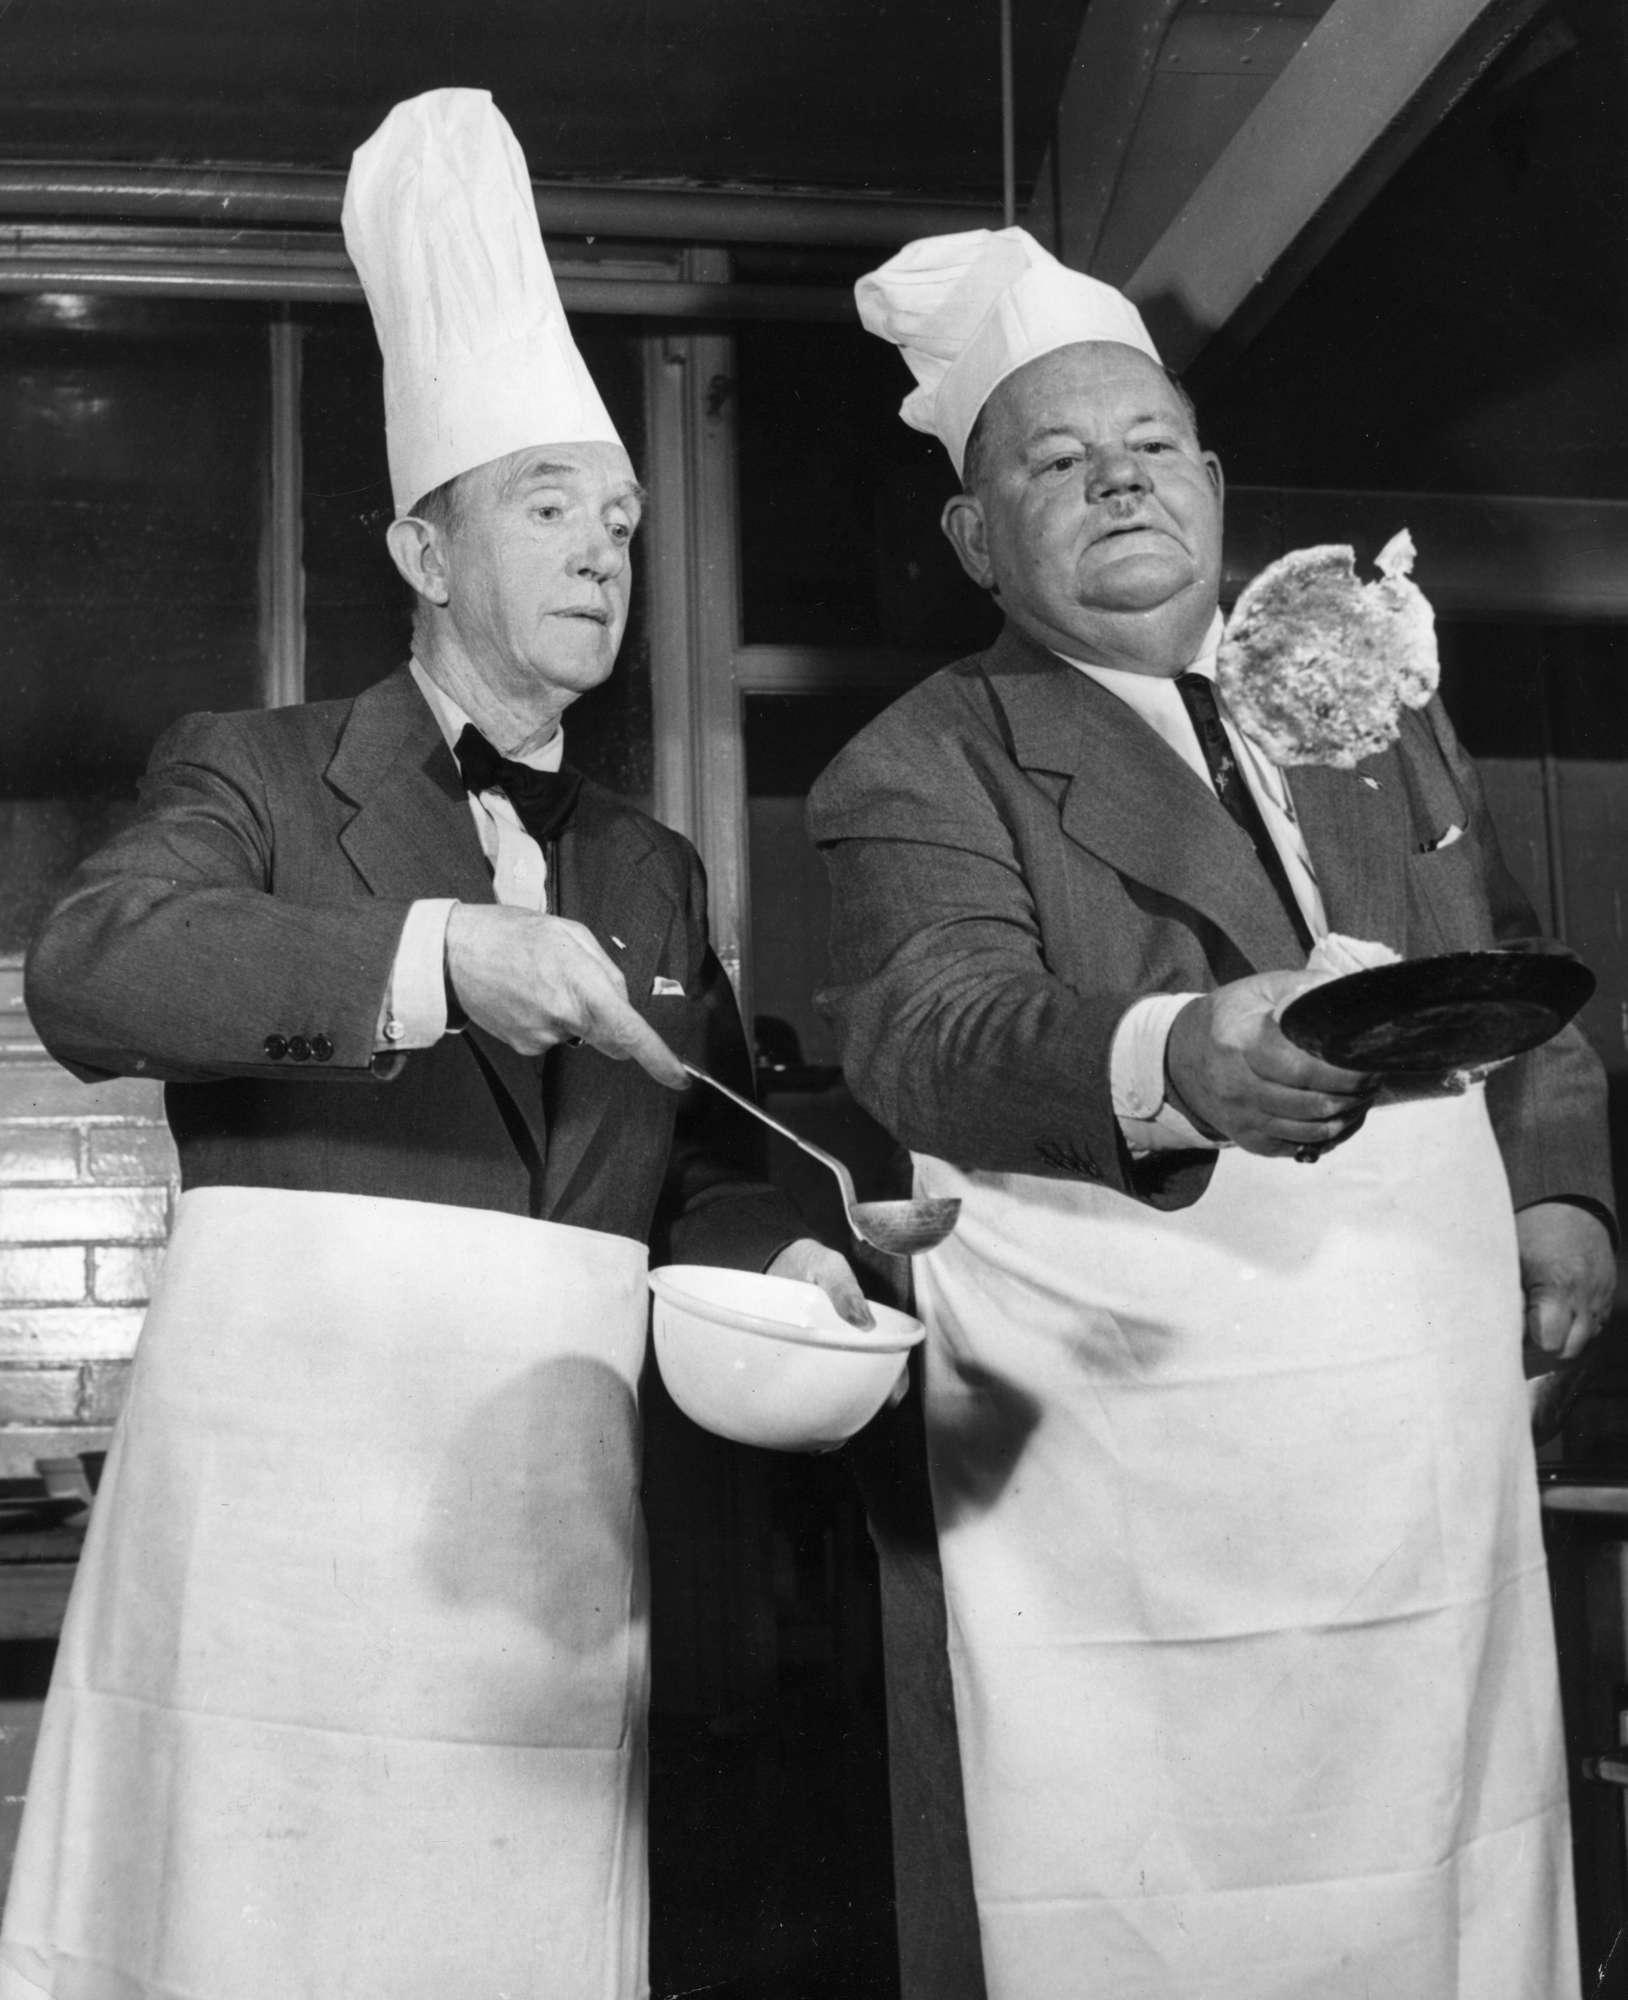 cucina italiana - Stanlio e Ollio cuochi